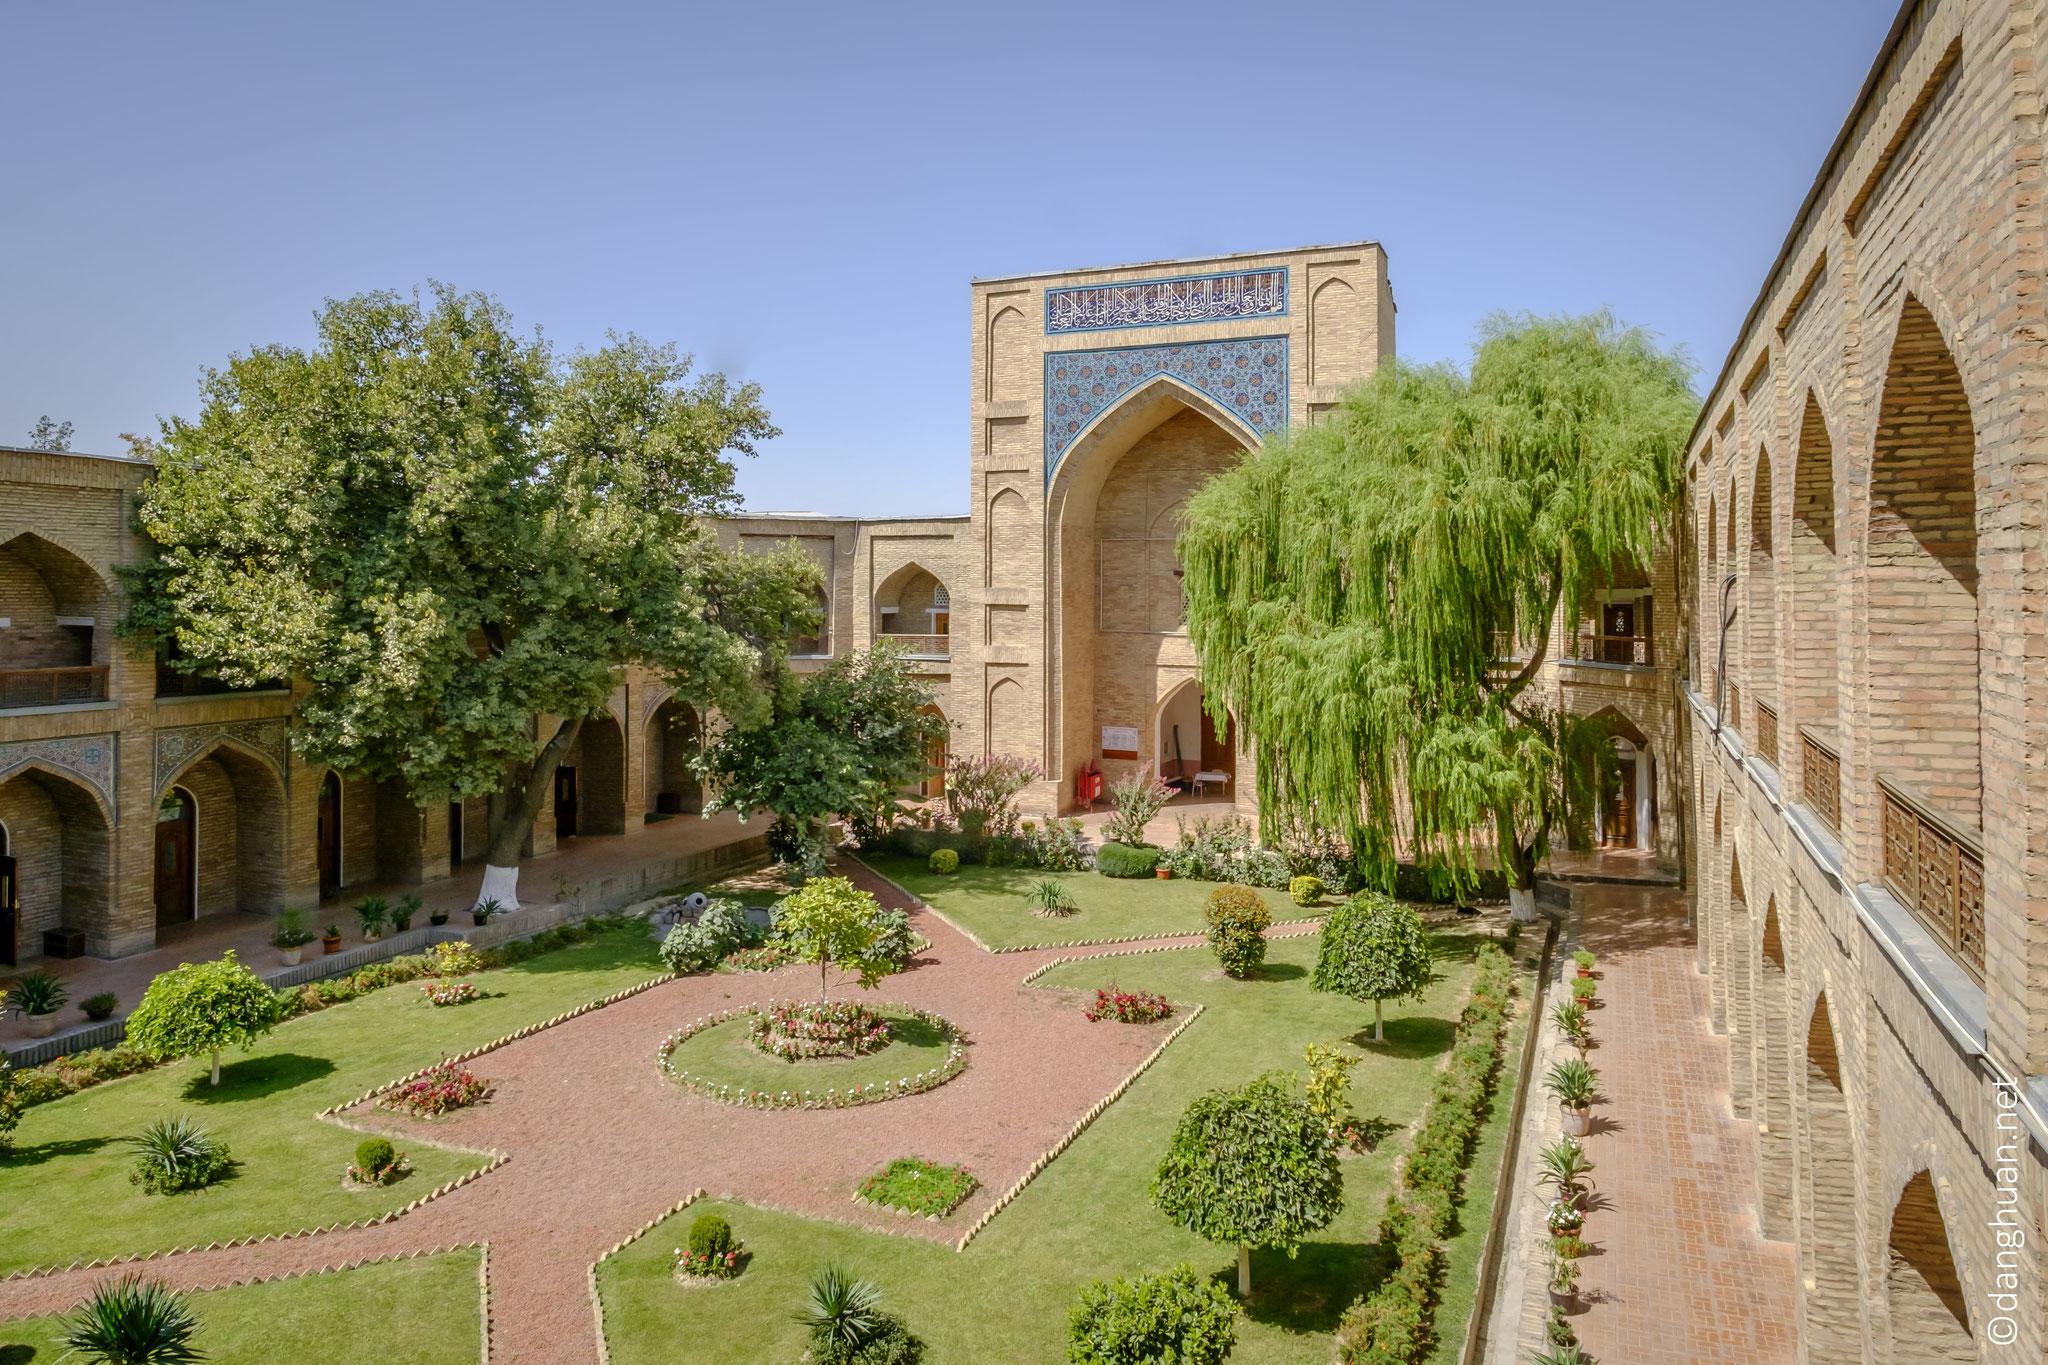 ...avec ses deux étages de 60 cellules (houdjr) de deux mètres sur deux mètres, constituées d'une chambre et d'une niche à auvent (iwan)